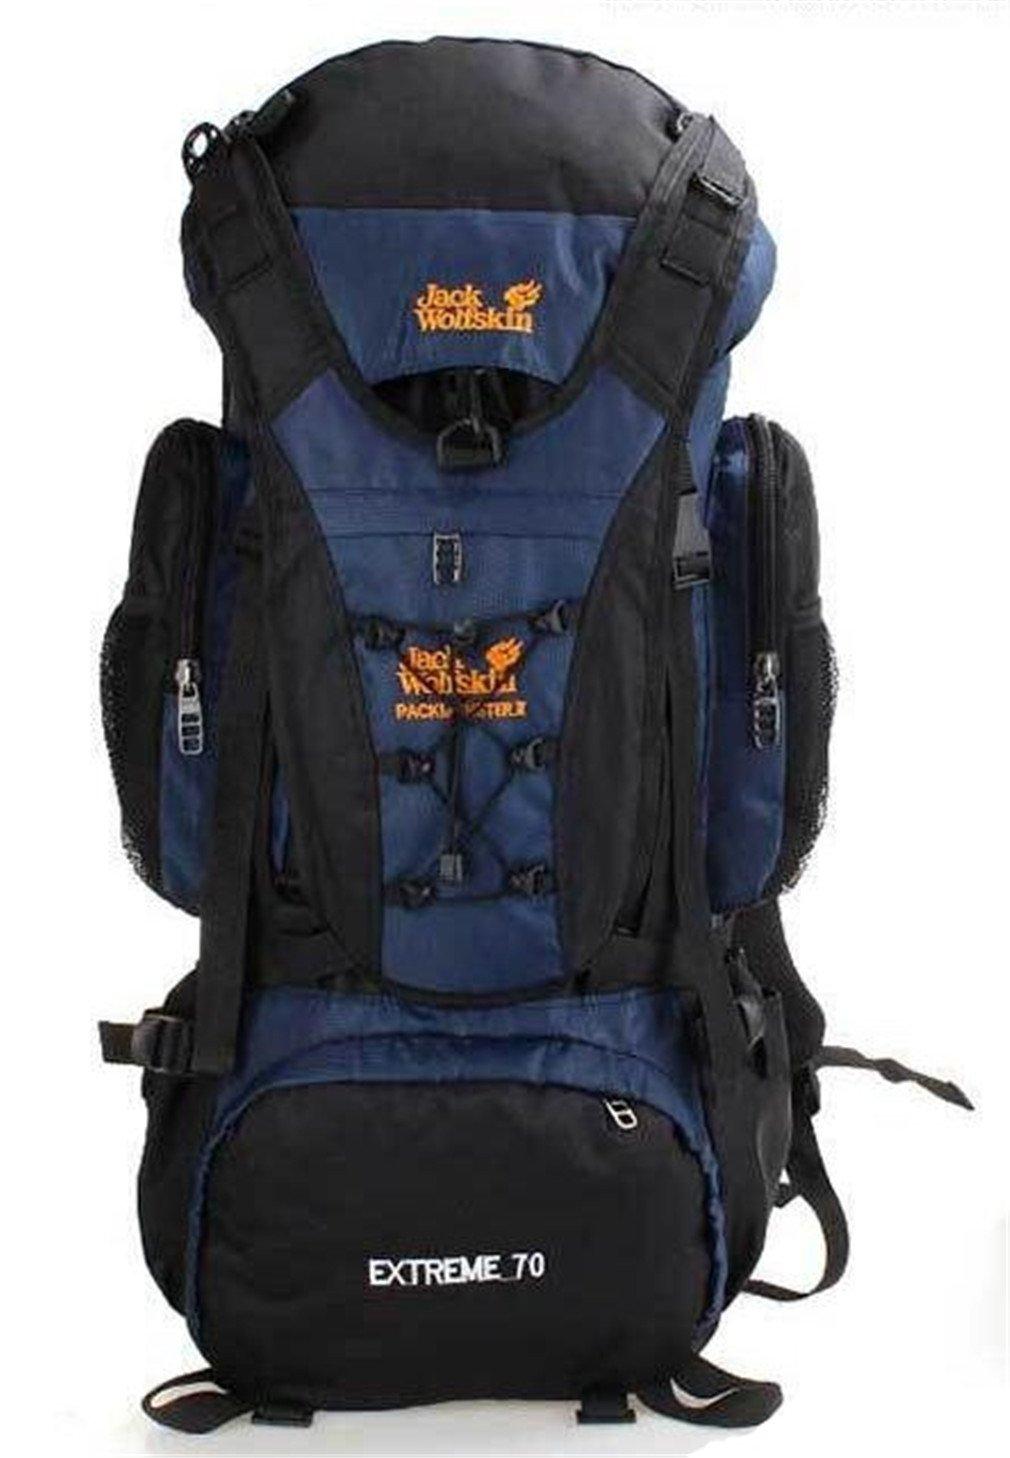 nuo-zアウトドアバックパック70lハイキング、キャンプワイルド旅行バッグ B07CYRSBTQ ブルー